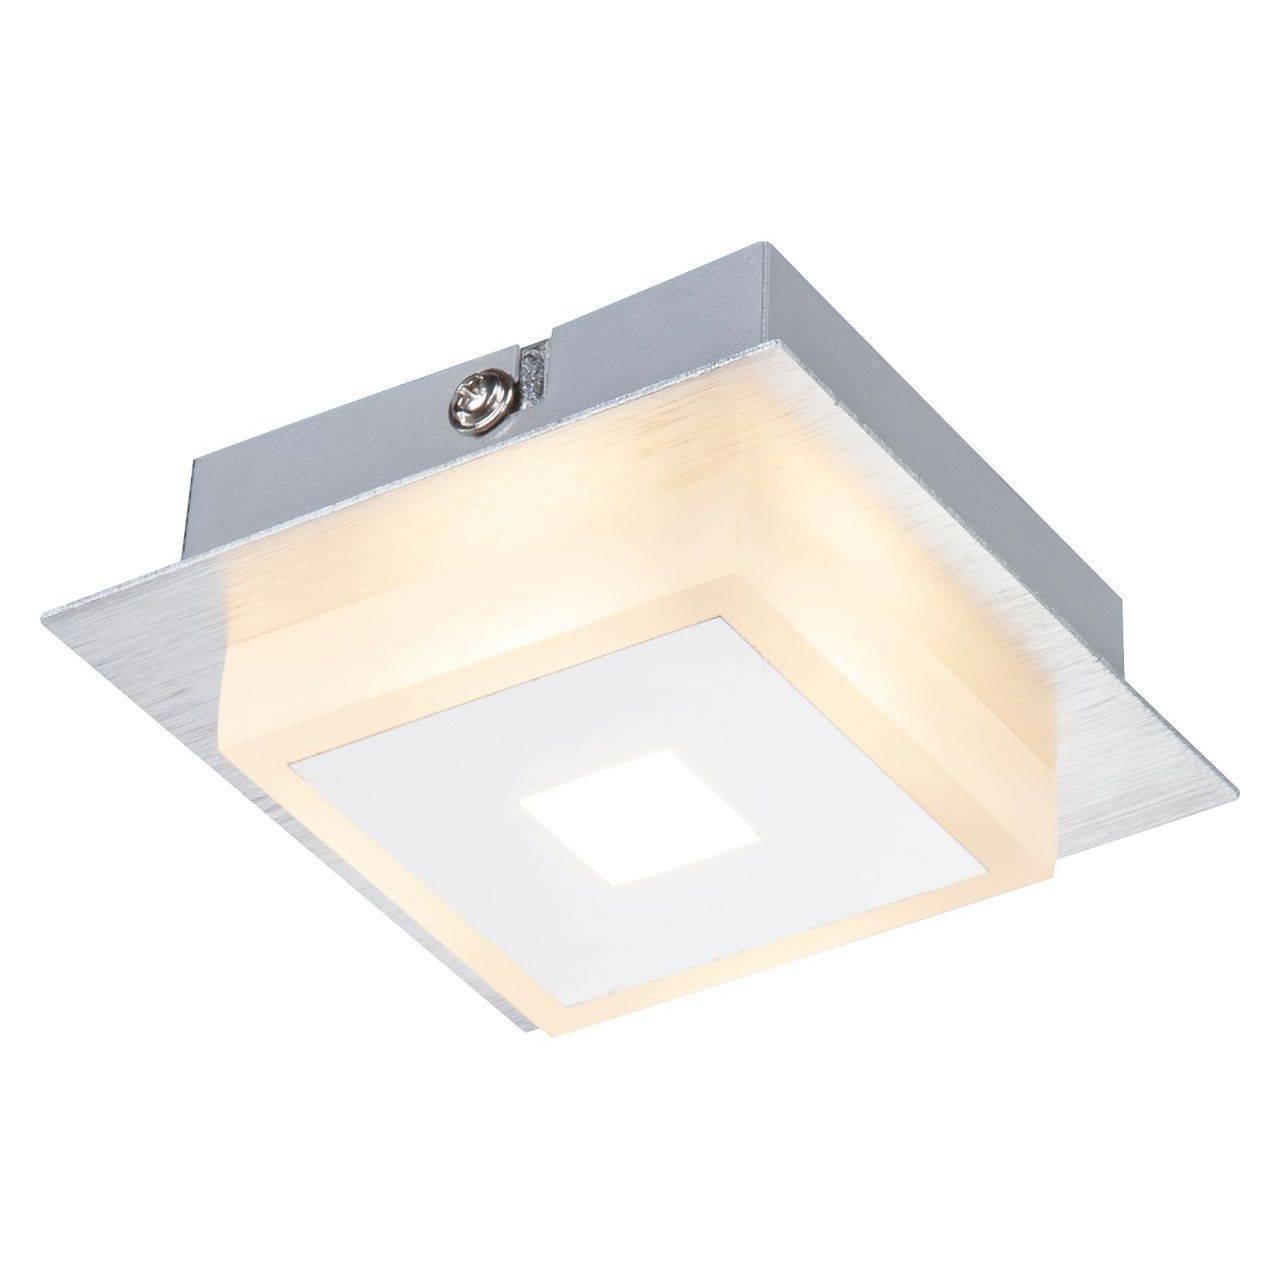 Потолочный светодиодный светильник Globo Quadralla 41111-1 потолочный светодиодный светильник globo mathilda 68397 12